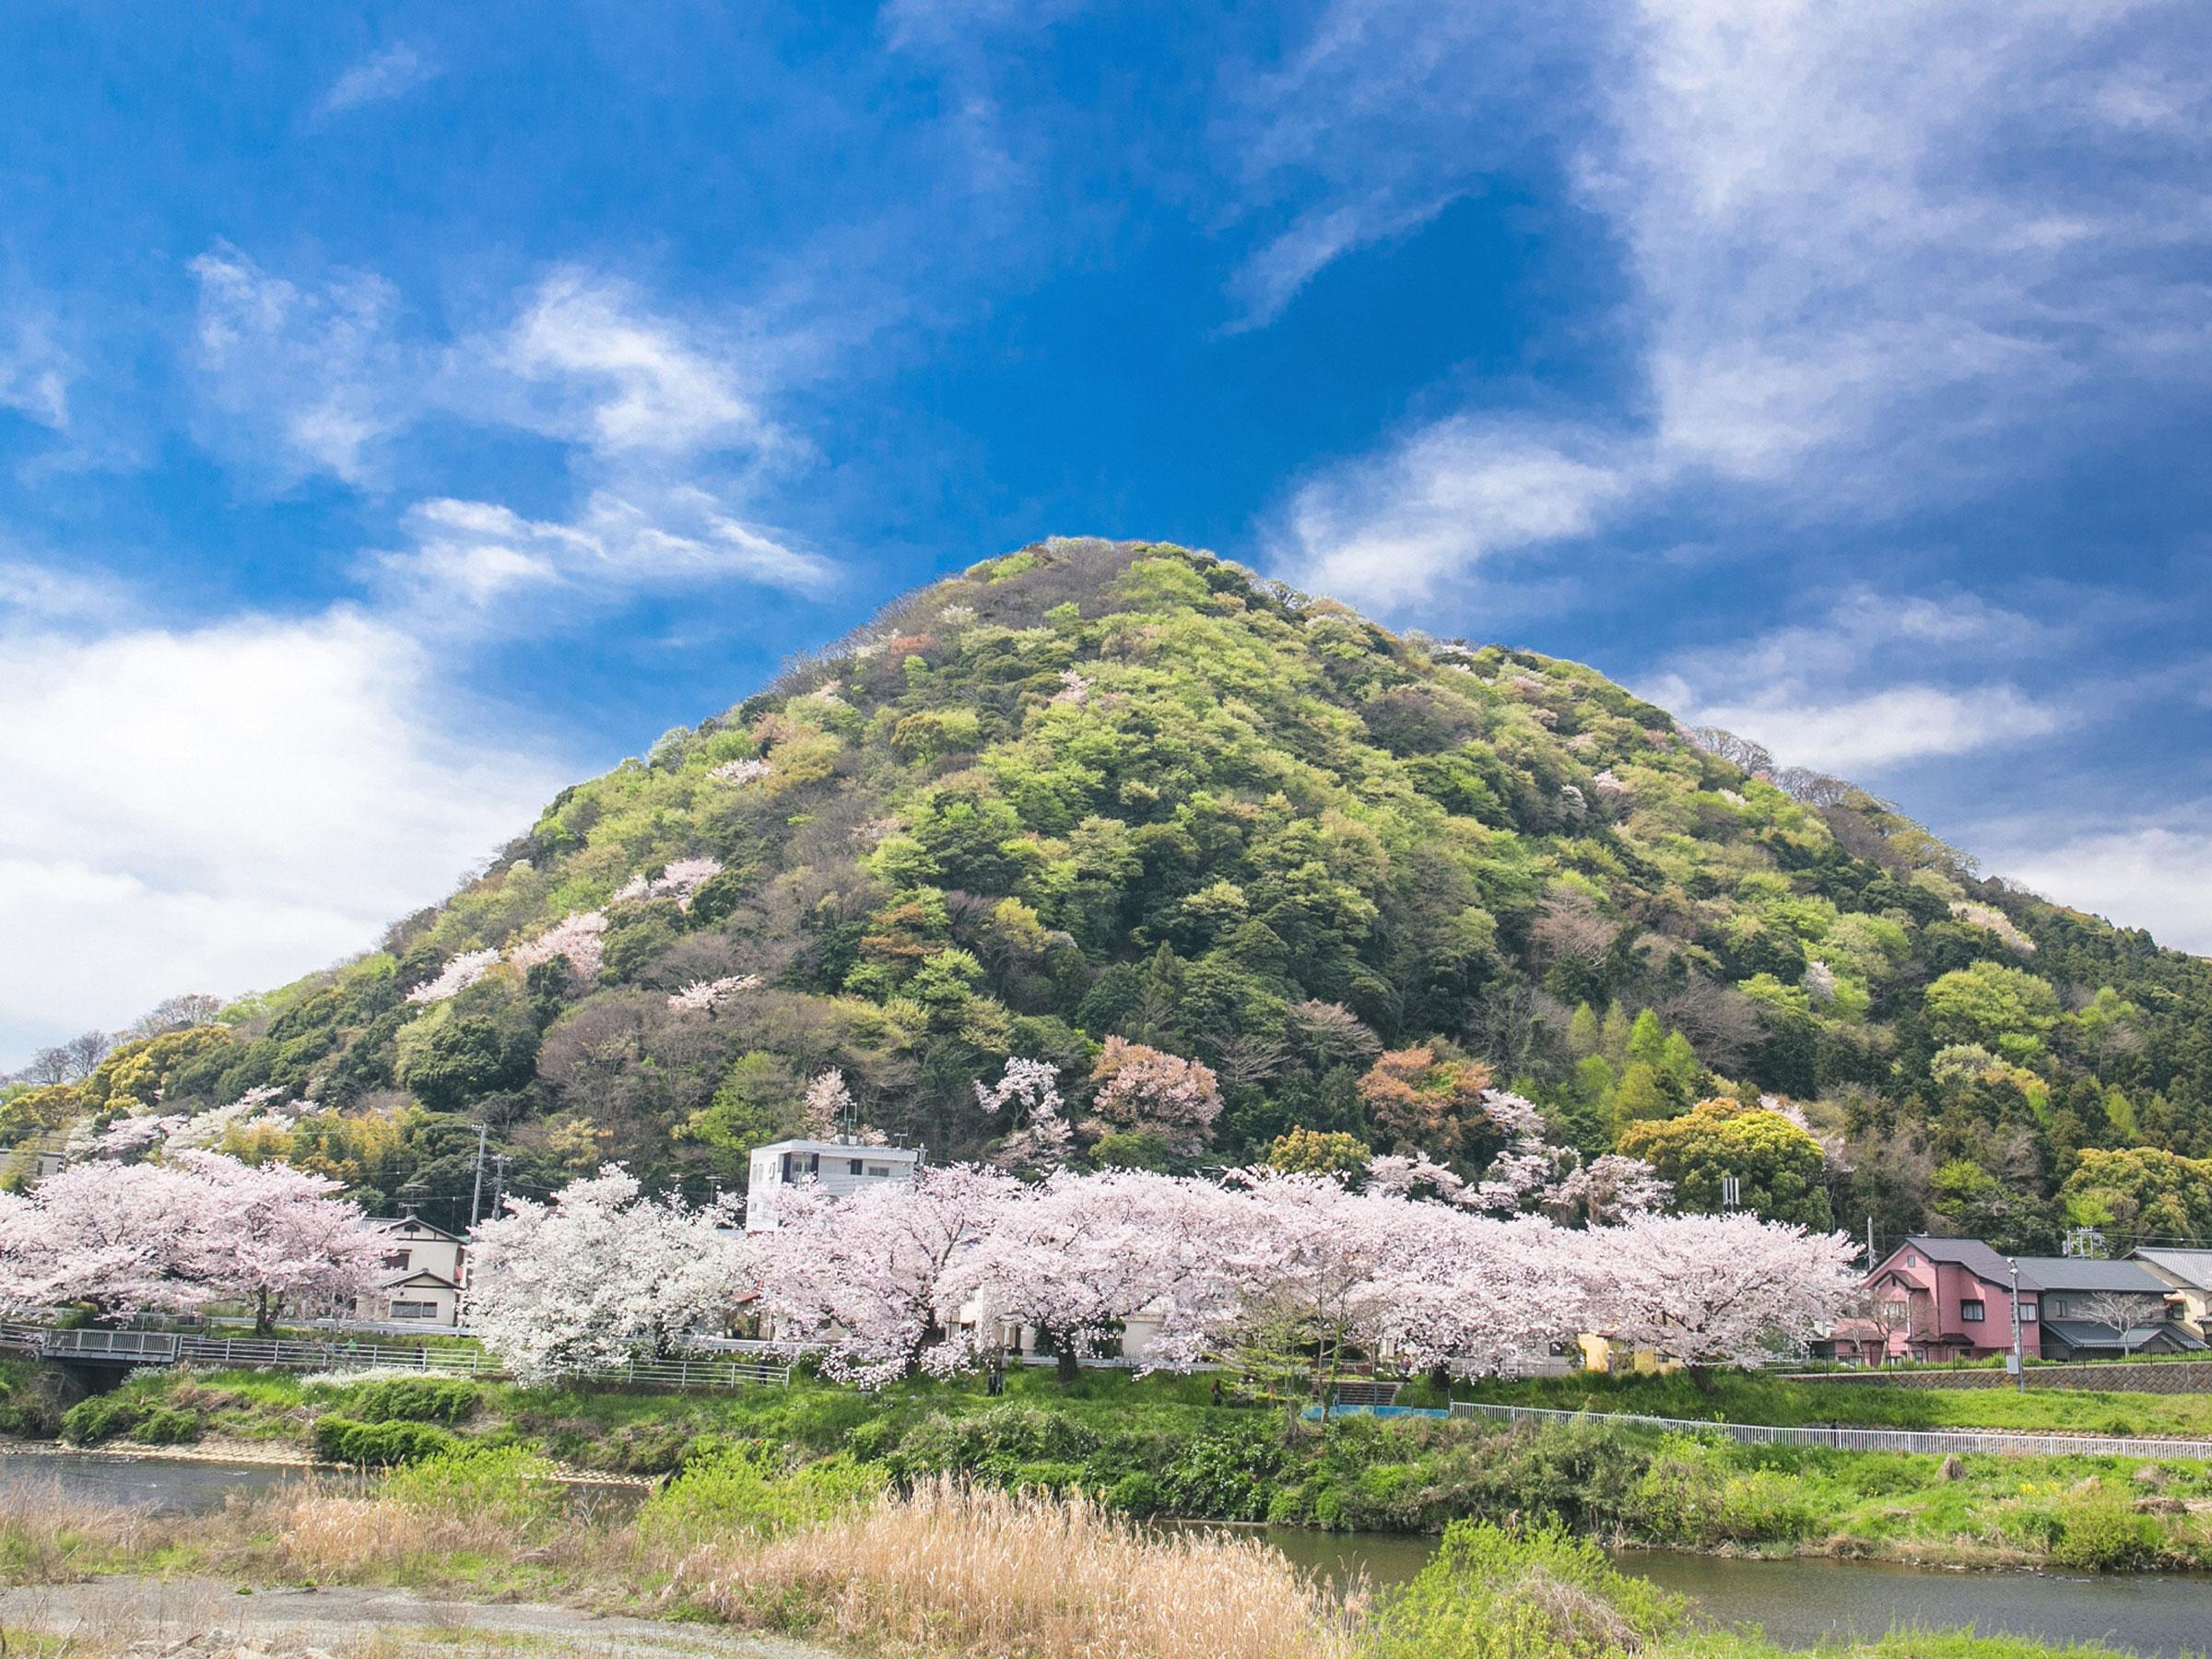 【神奈川県】春の絶景・風物詩4選 桜と美しい山が織りなす日本の原風景